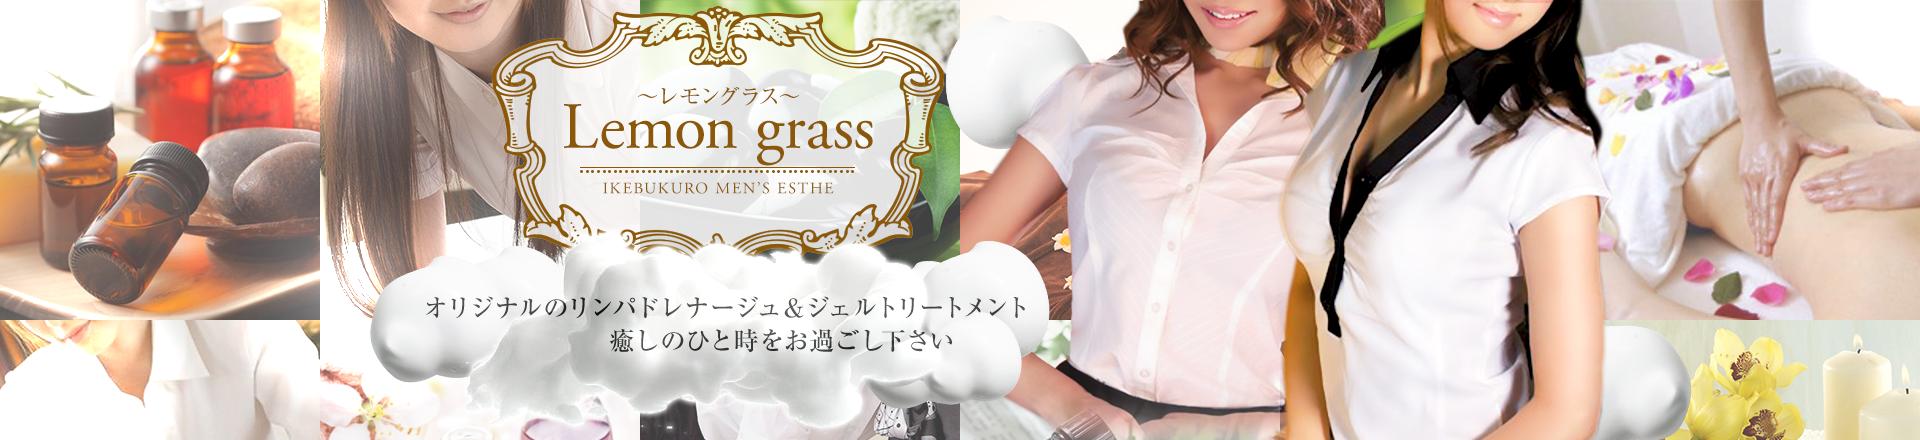 池袋メンズエステ『Lemon grass~レモングラス~』